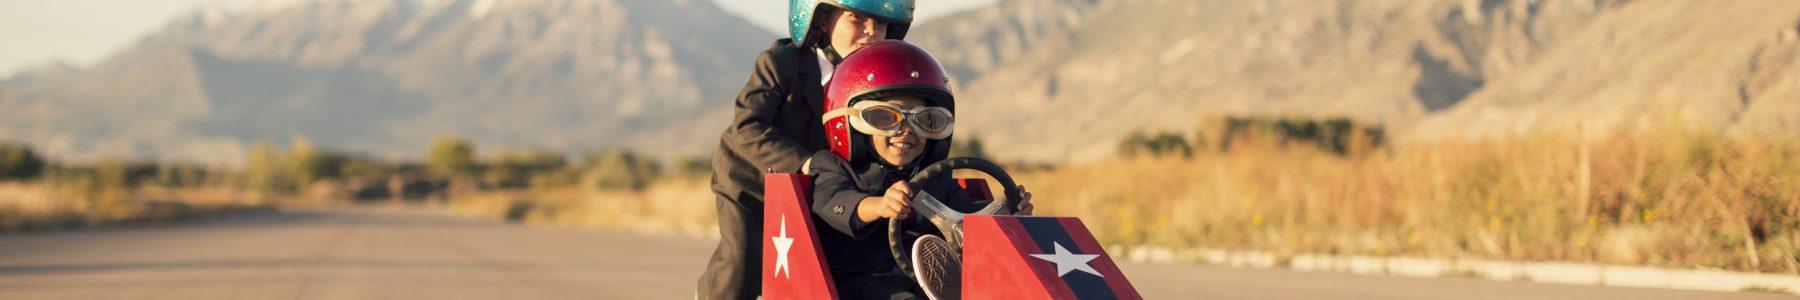 Zwei Kinder in einem Rennwagen - ©RichVintage - iStock.com